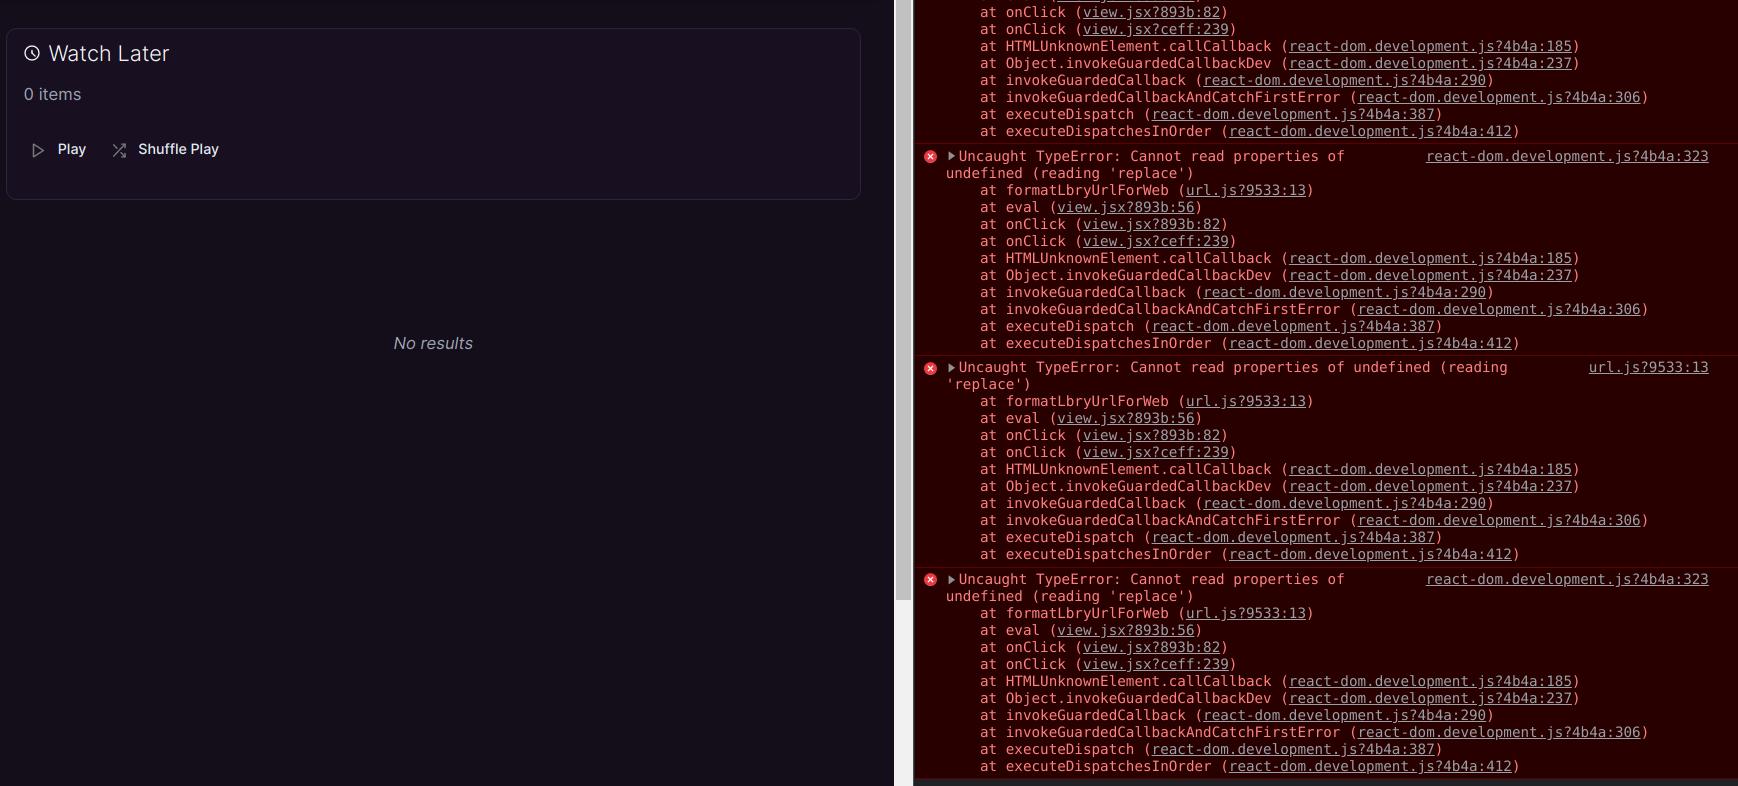 Screenshot from 2021-09-21 14-58-33